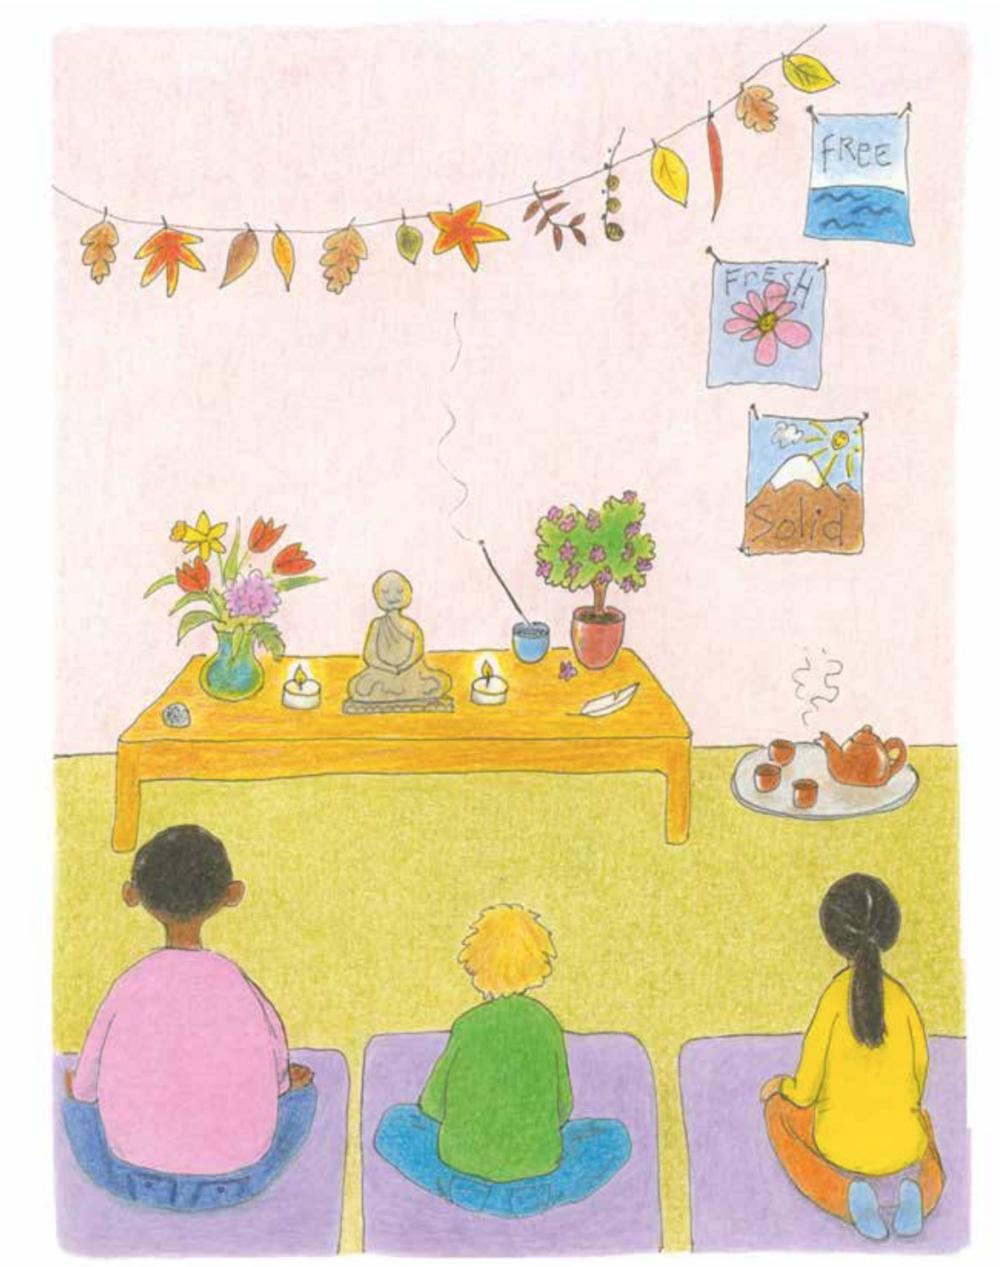 Mindfulness Niños Libro Plantando semillas.png